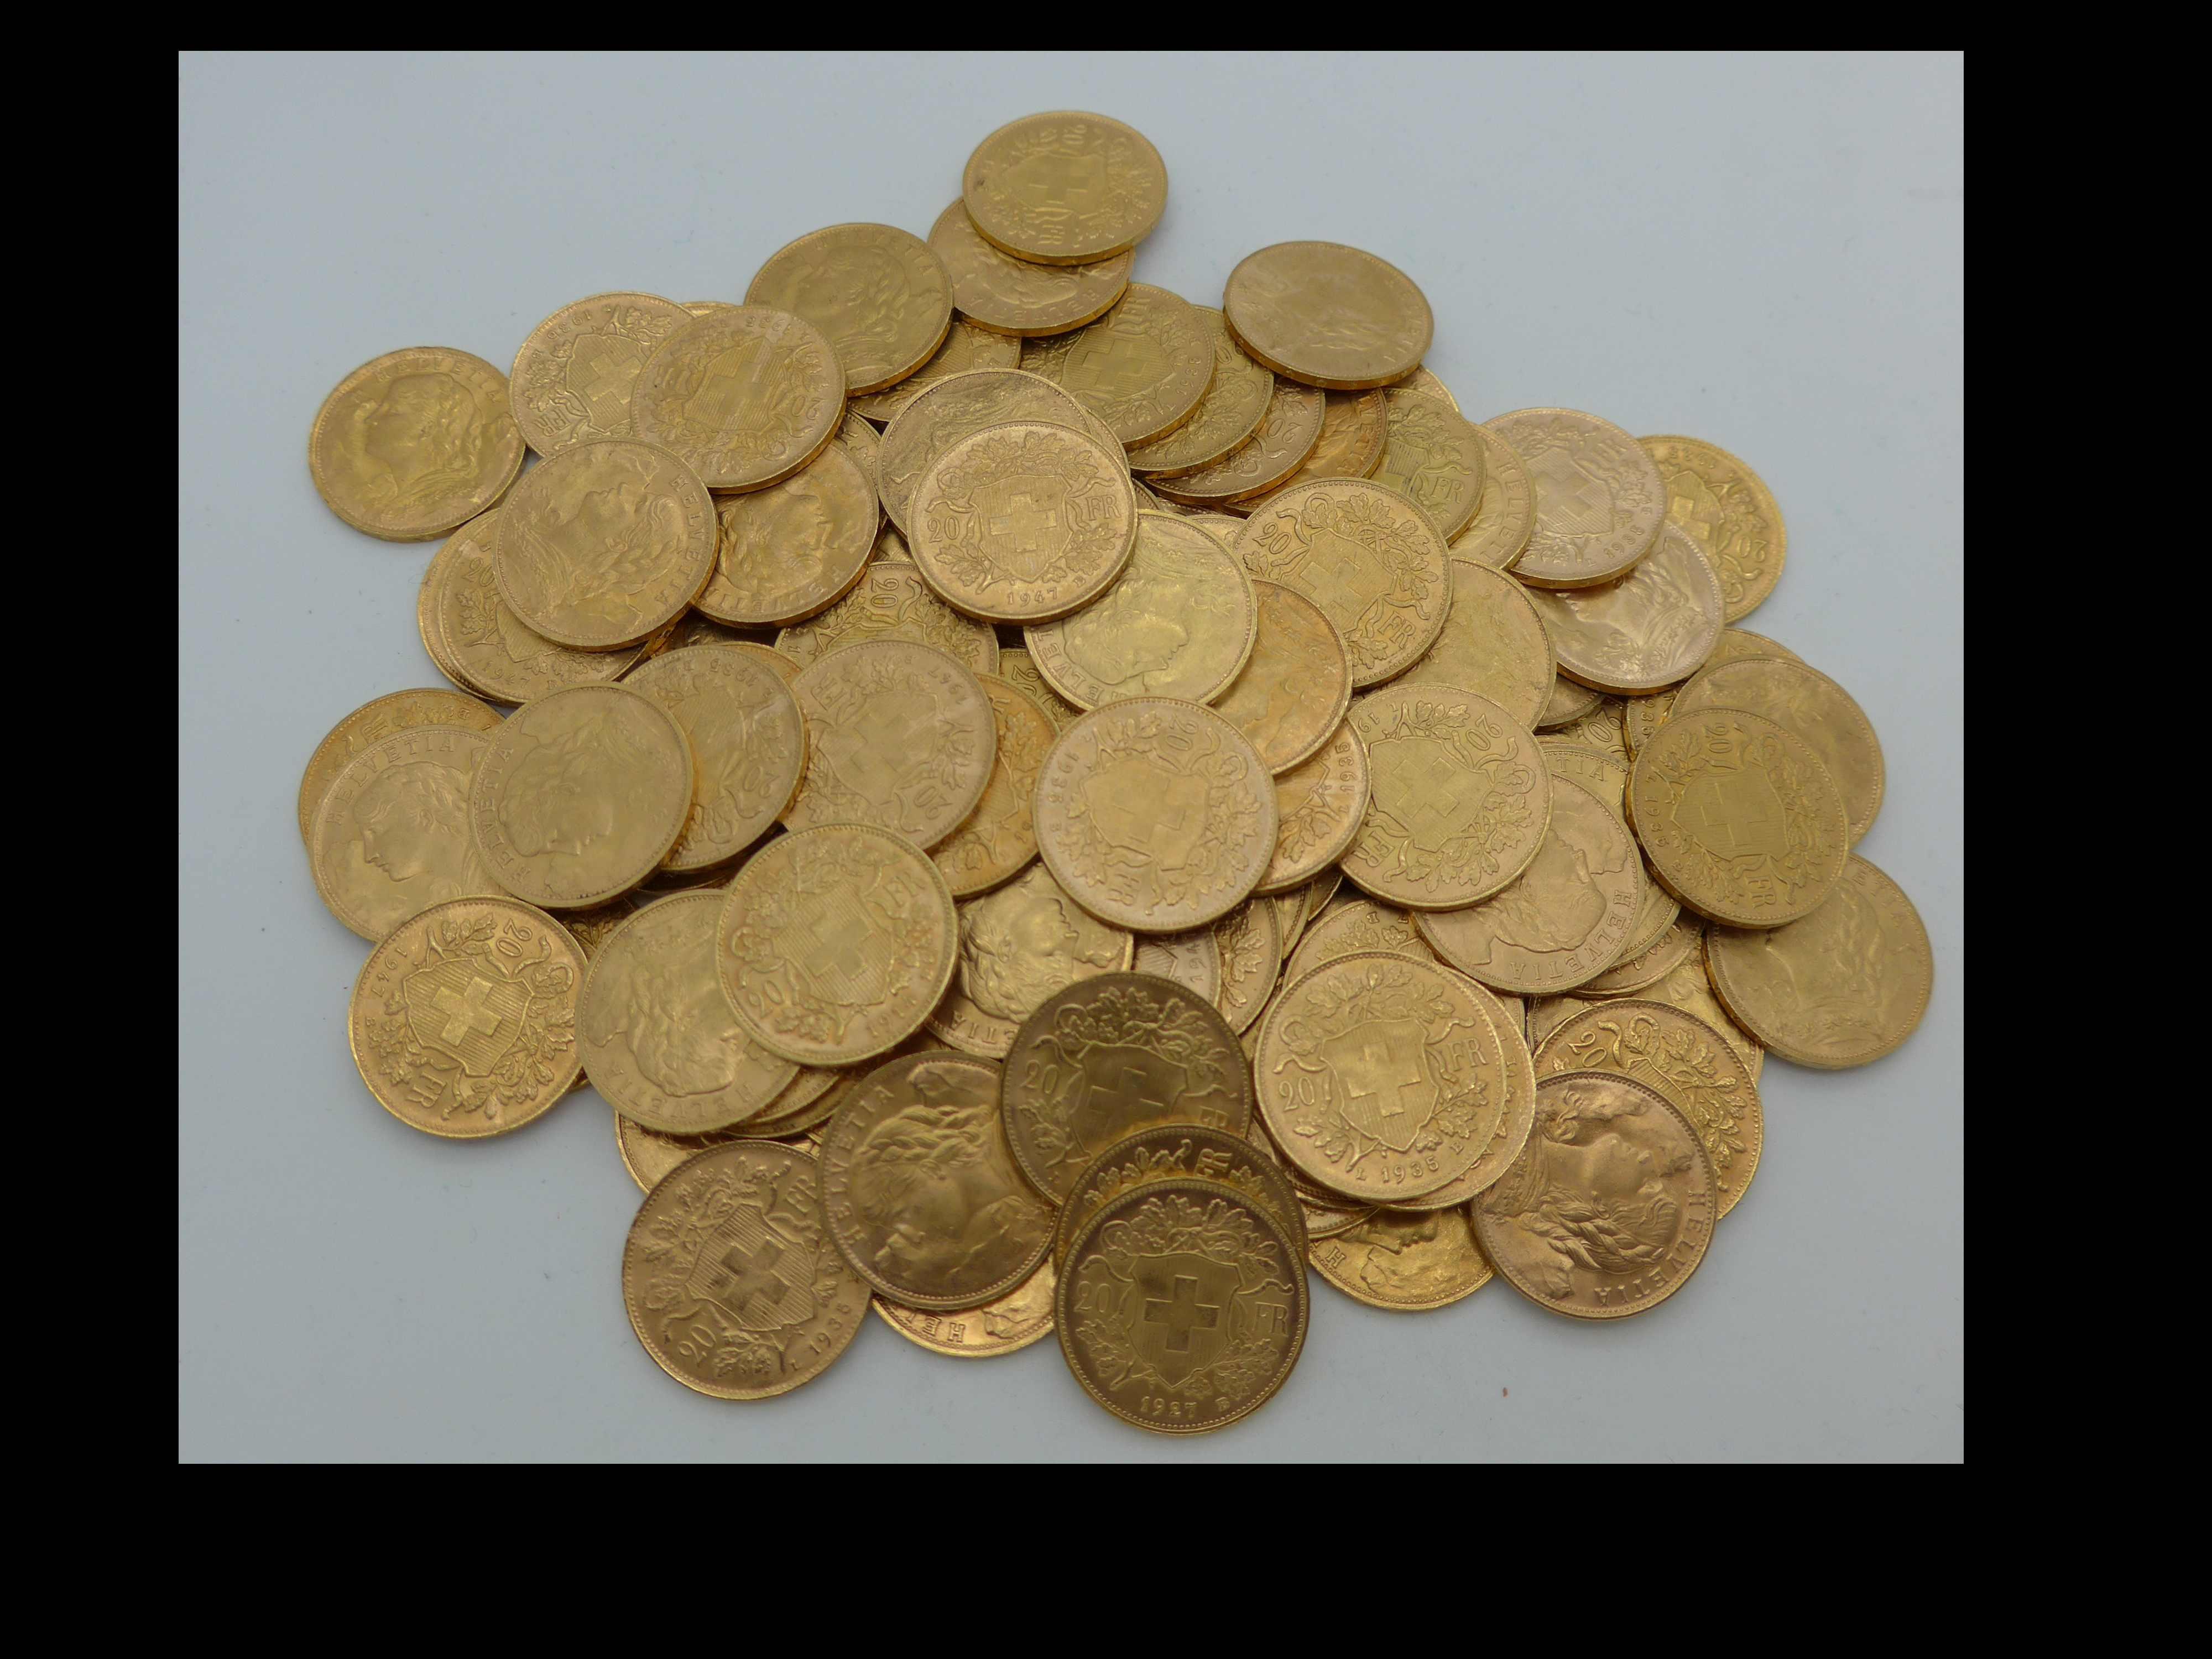 Vreneli Goldmünzen Haufen